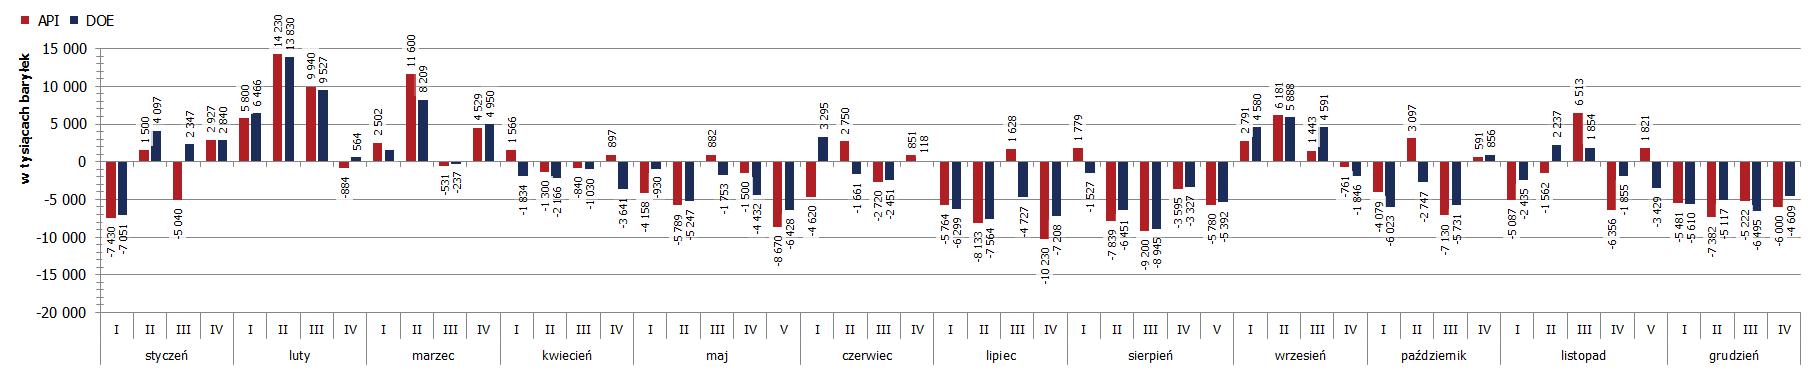 Ropa: zapasy wyższe względem raportu API, benzyna skrada show